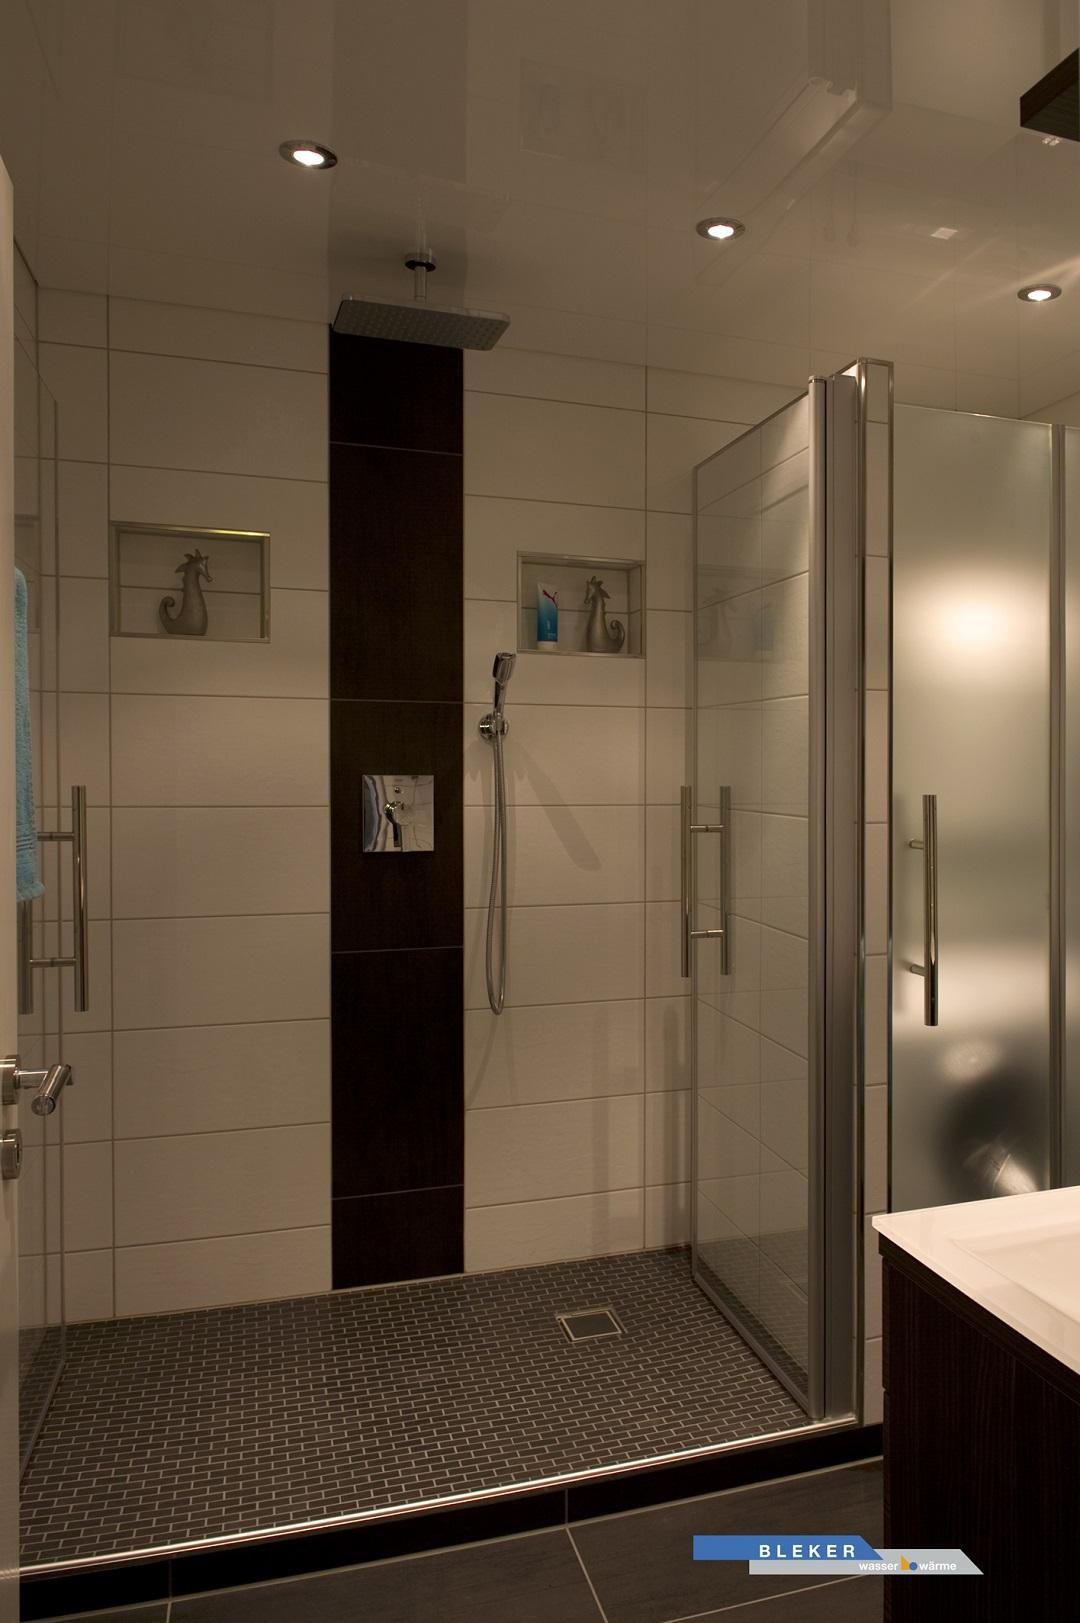 grosse breite Dusche